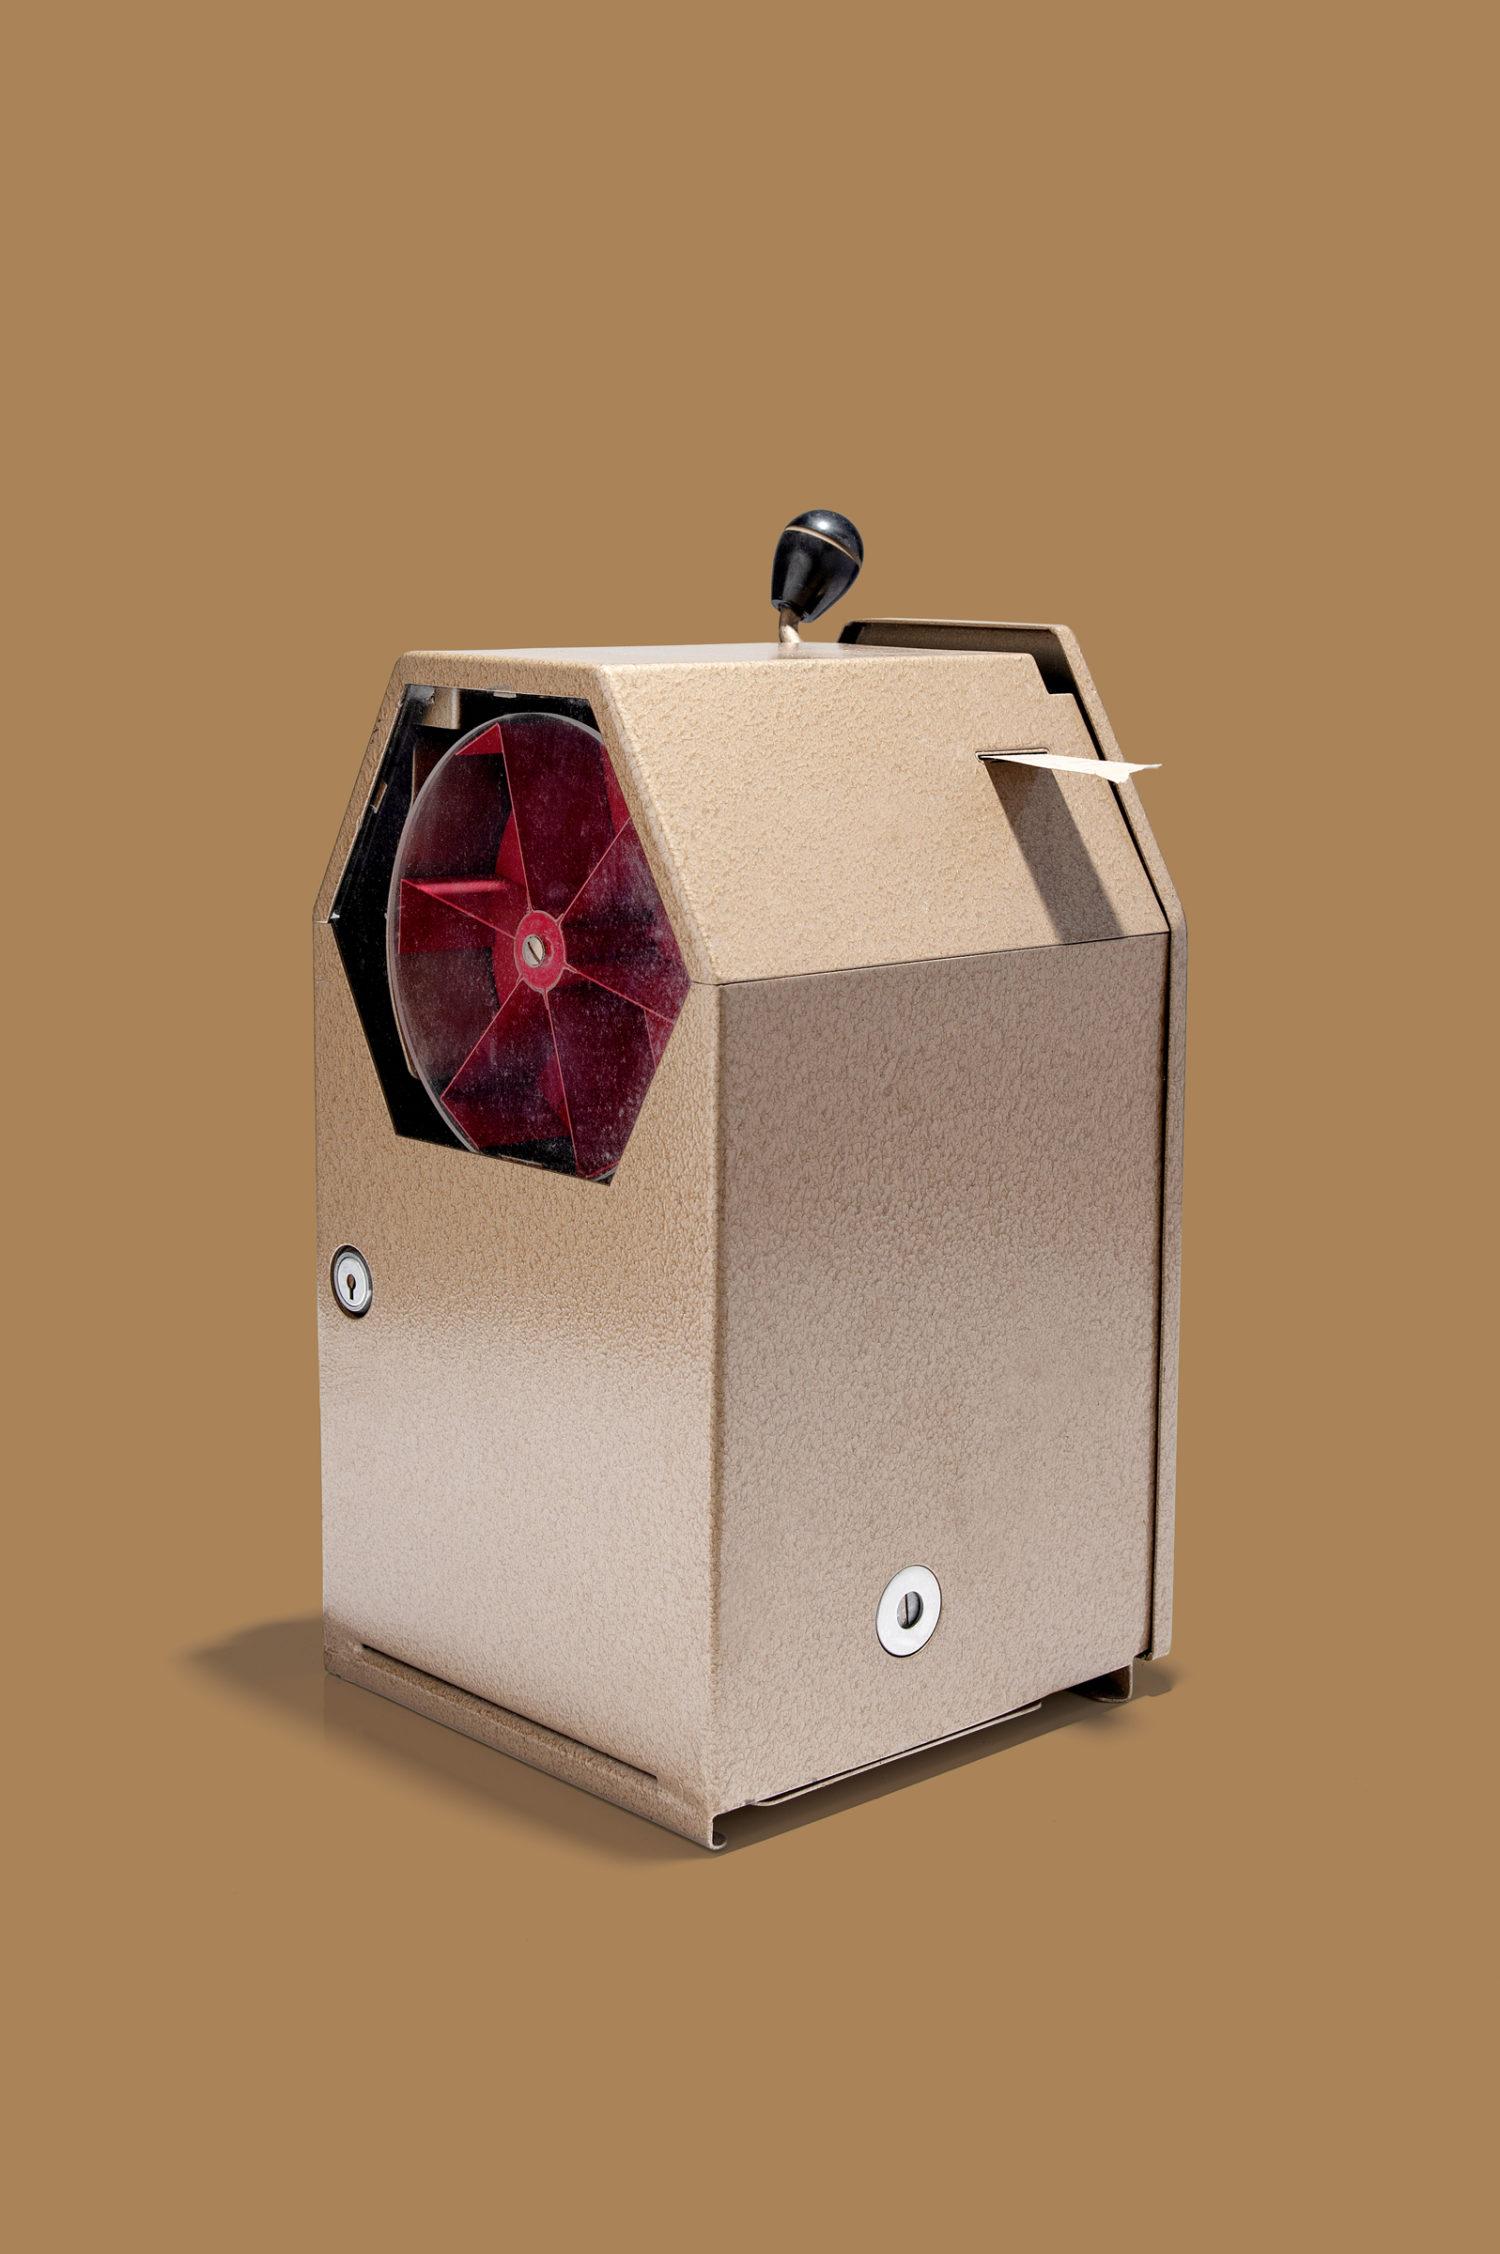 Einmal ziehen, bitte: Ein Fahrscheinautomat aus DDR-Produktion, im Einsatz bis nach der Wende. Foto: DDR Museum, Berlin 2020